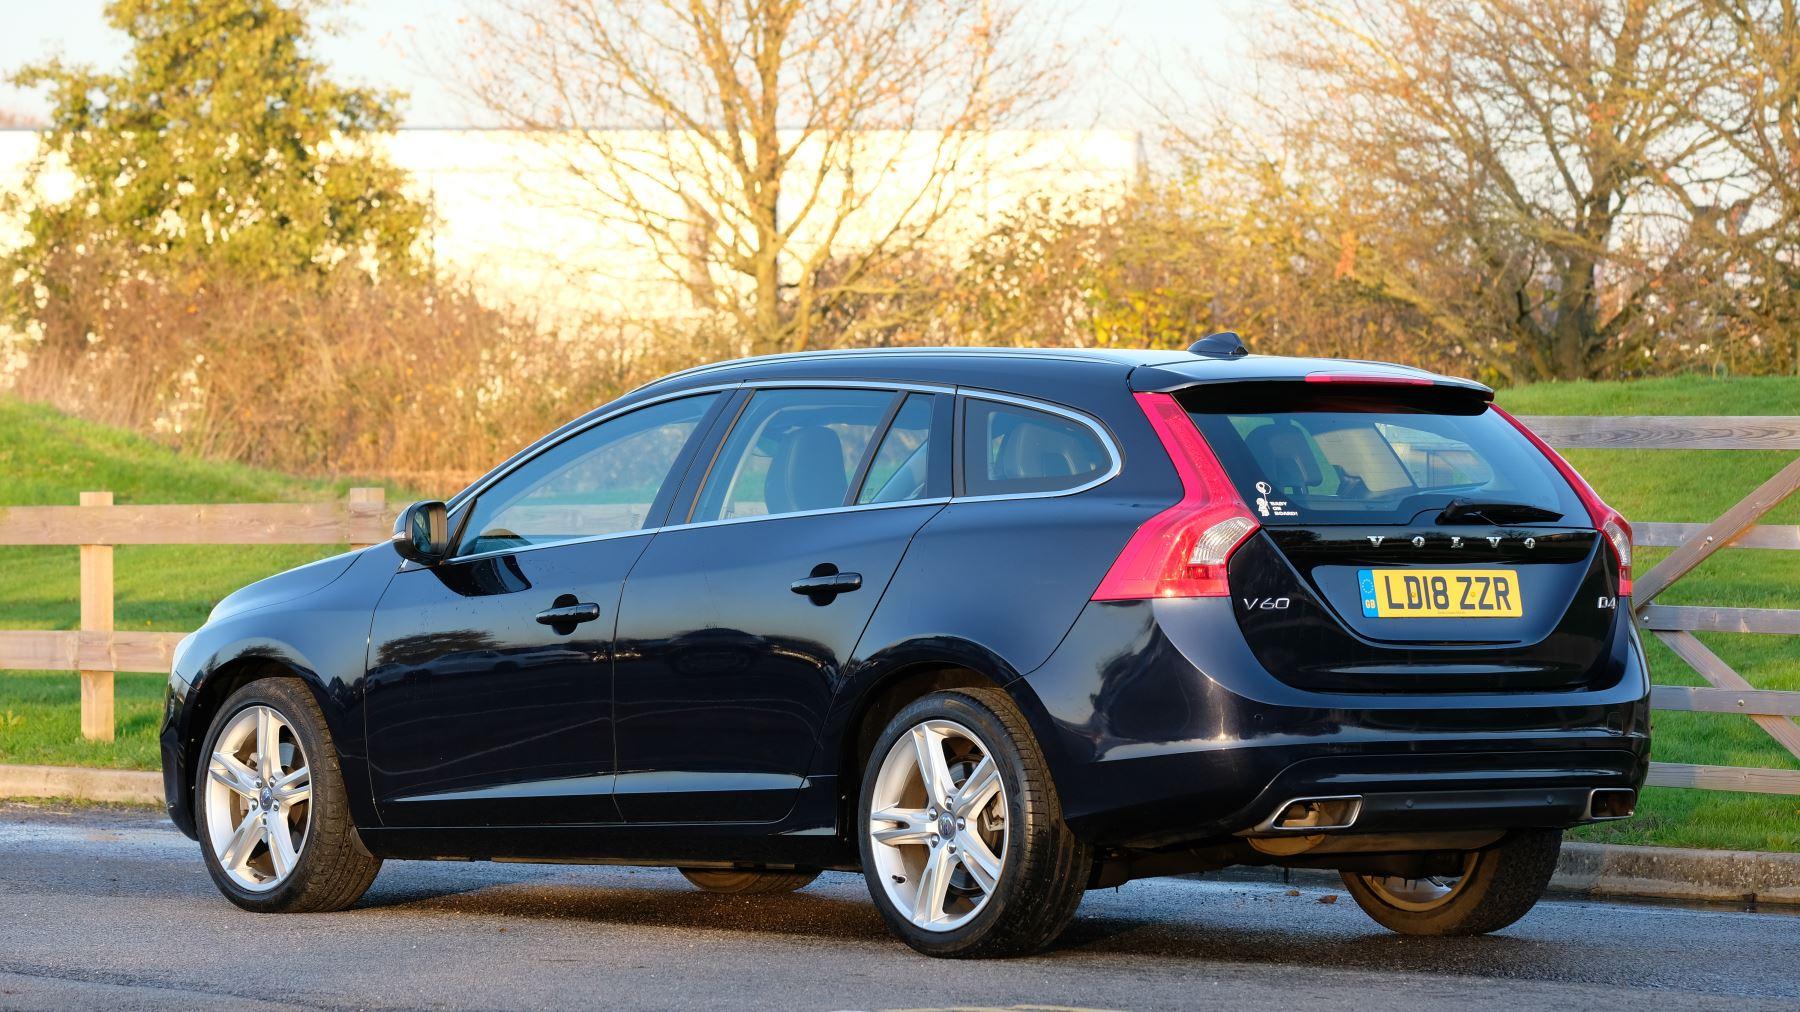 Volvo V60 D4 SE Lux Nav Auto, Winter Illumination & Family Pack, Sunroof, BLIS, VAT Reclaimable image 6